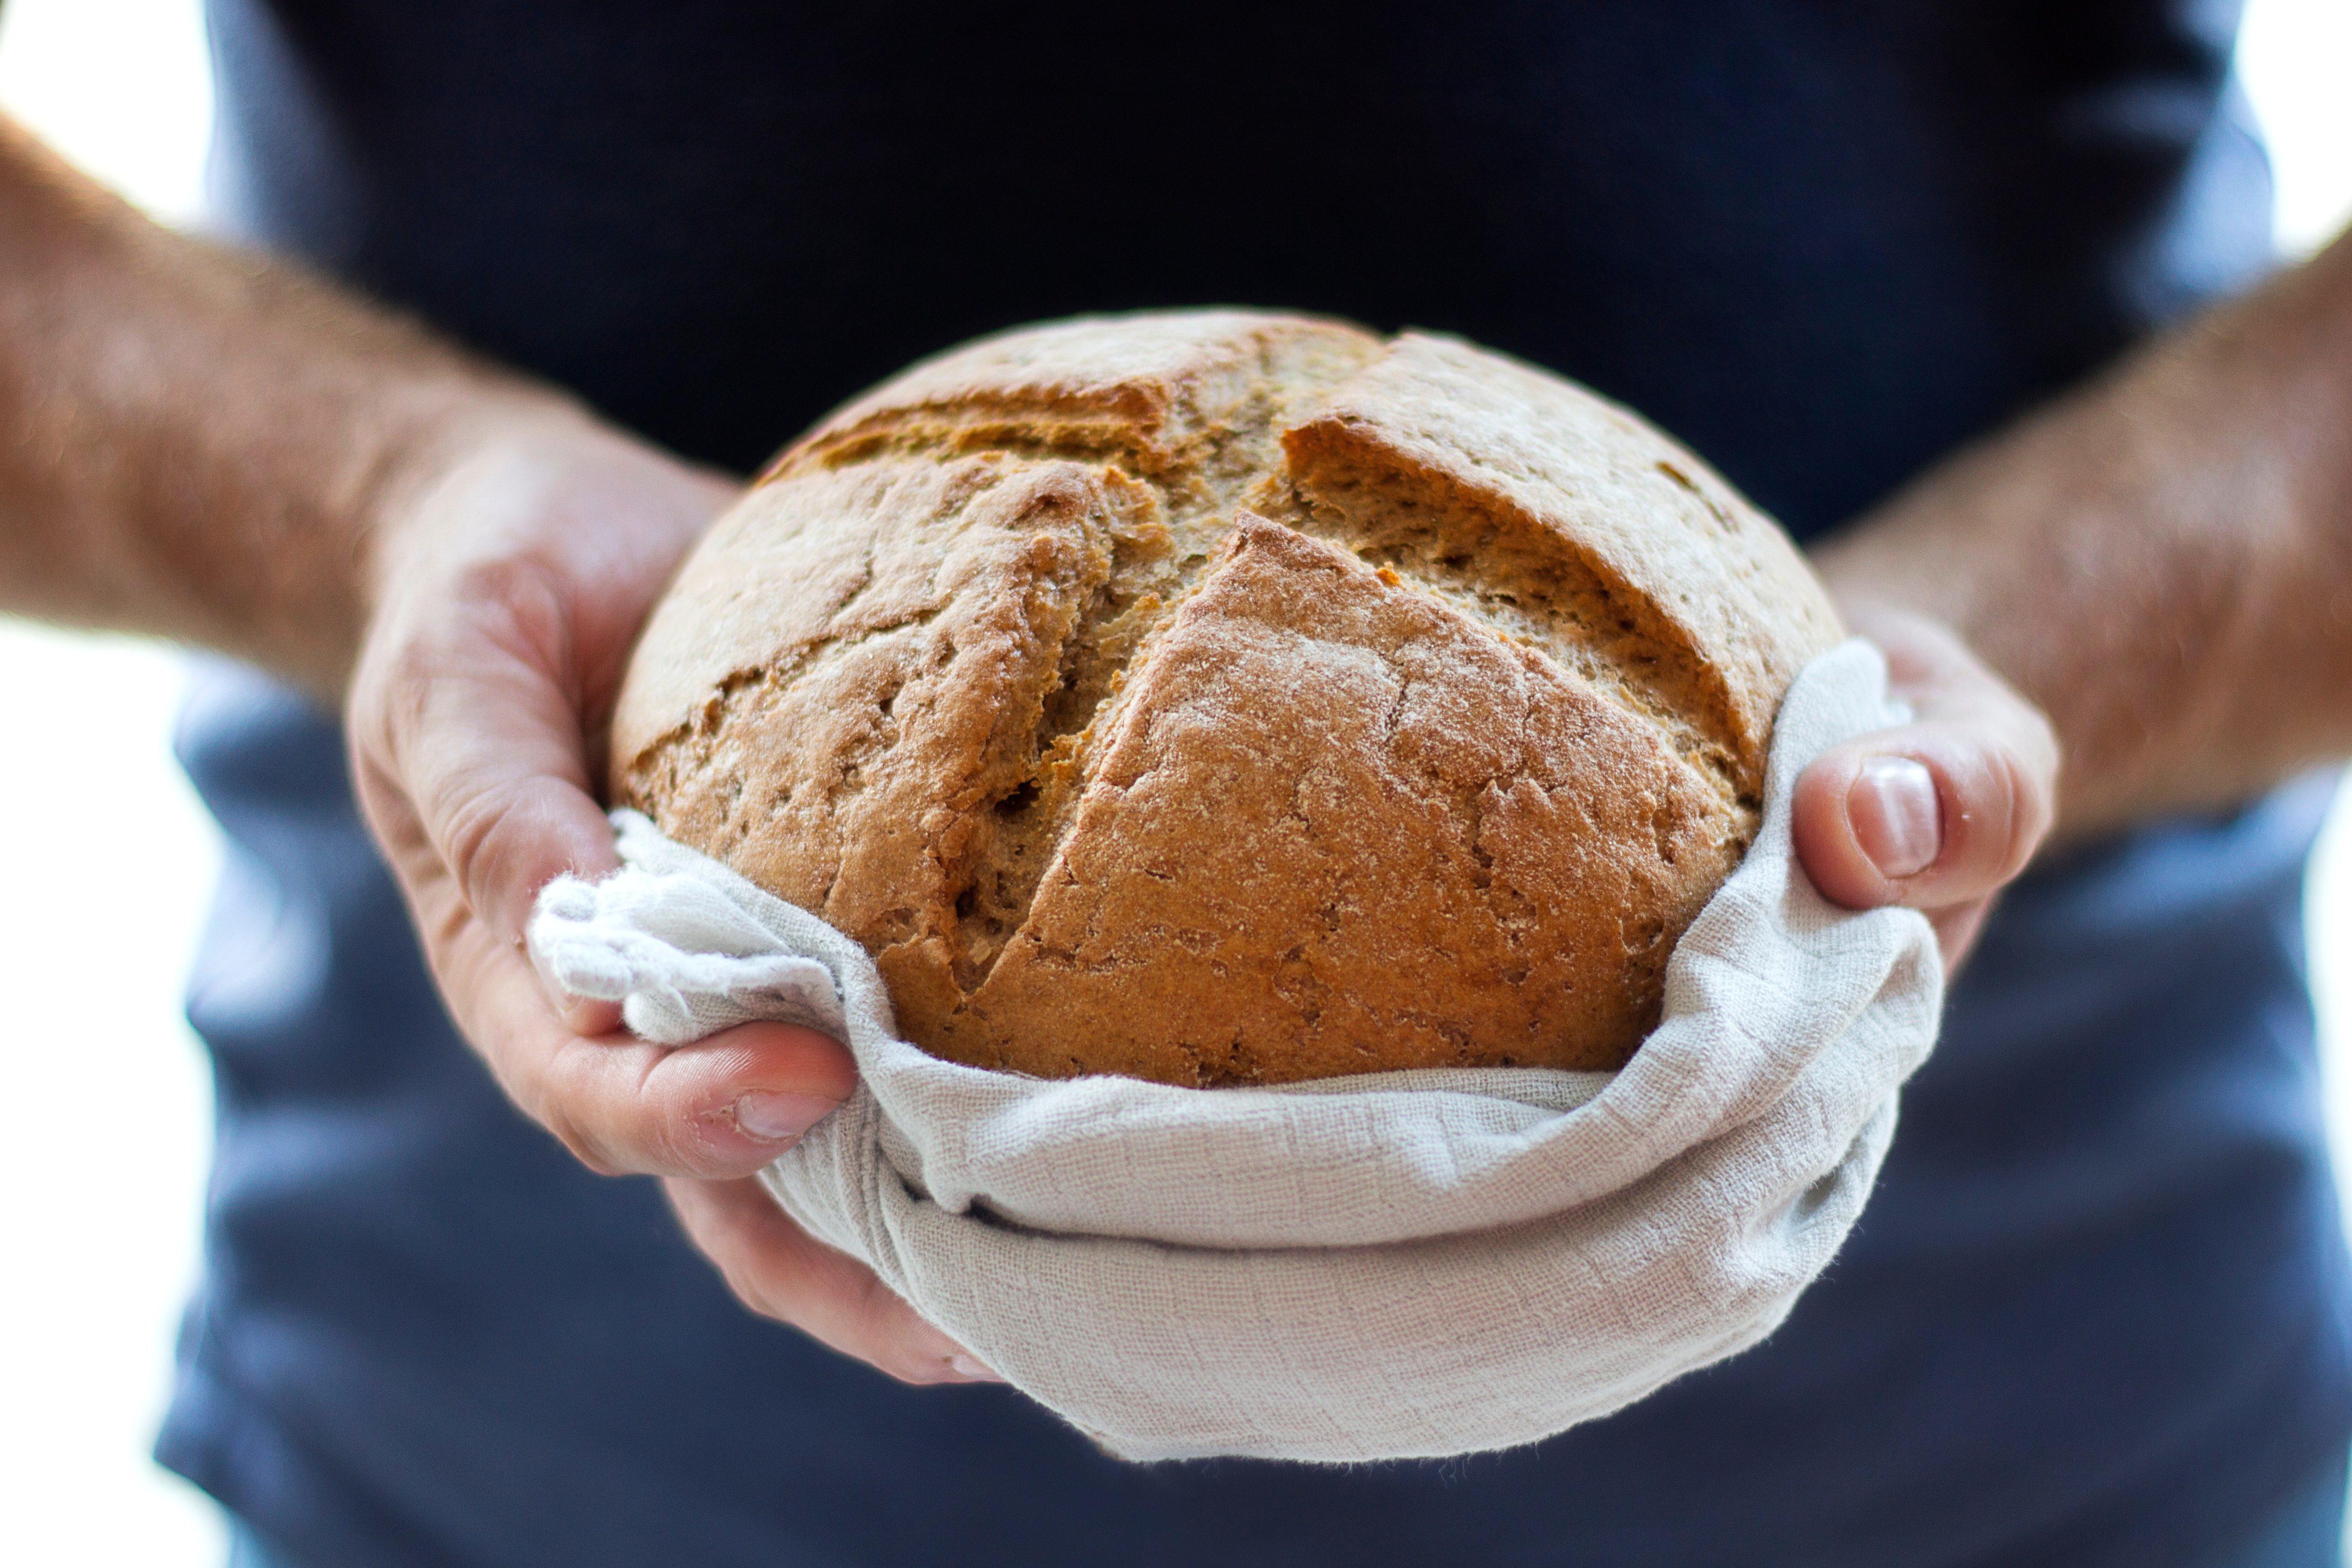 В целом, если вам приснился хлеб, сонник говорит, что это признак богатства, прибыли и даже роскошной жизни.